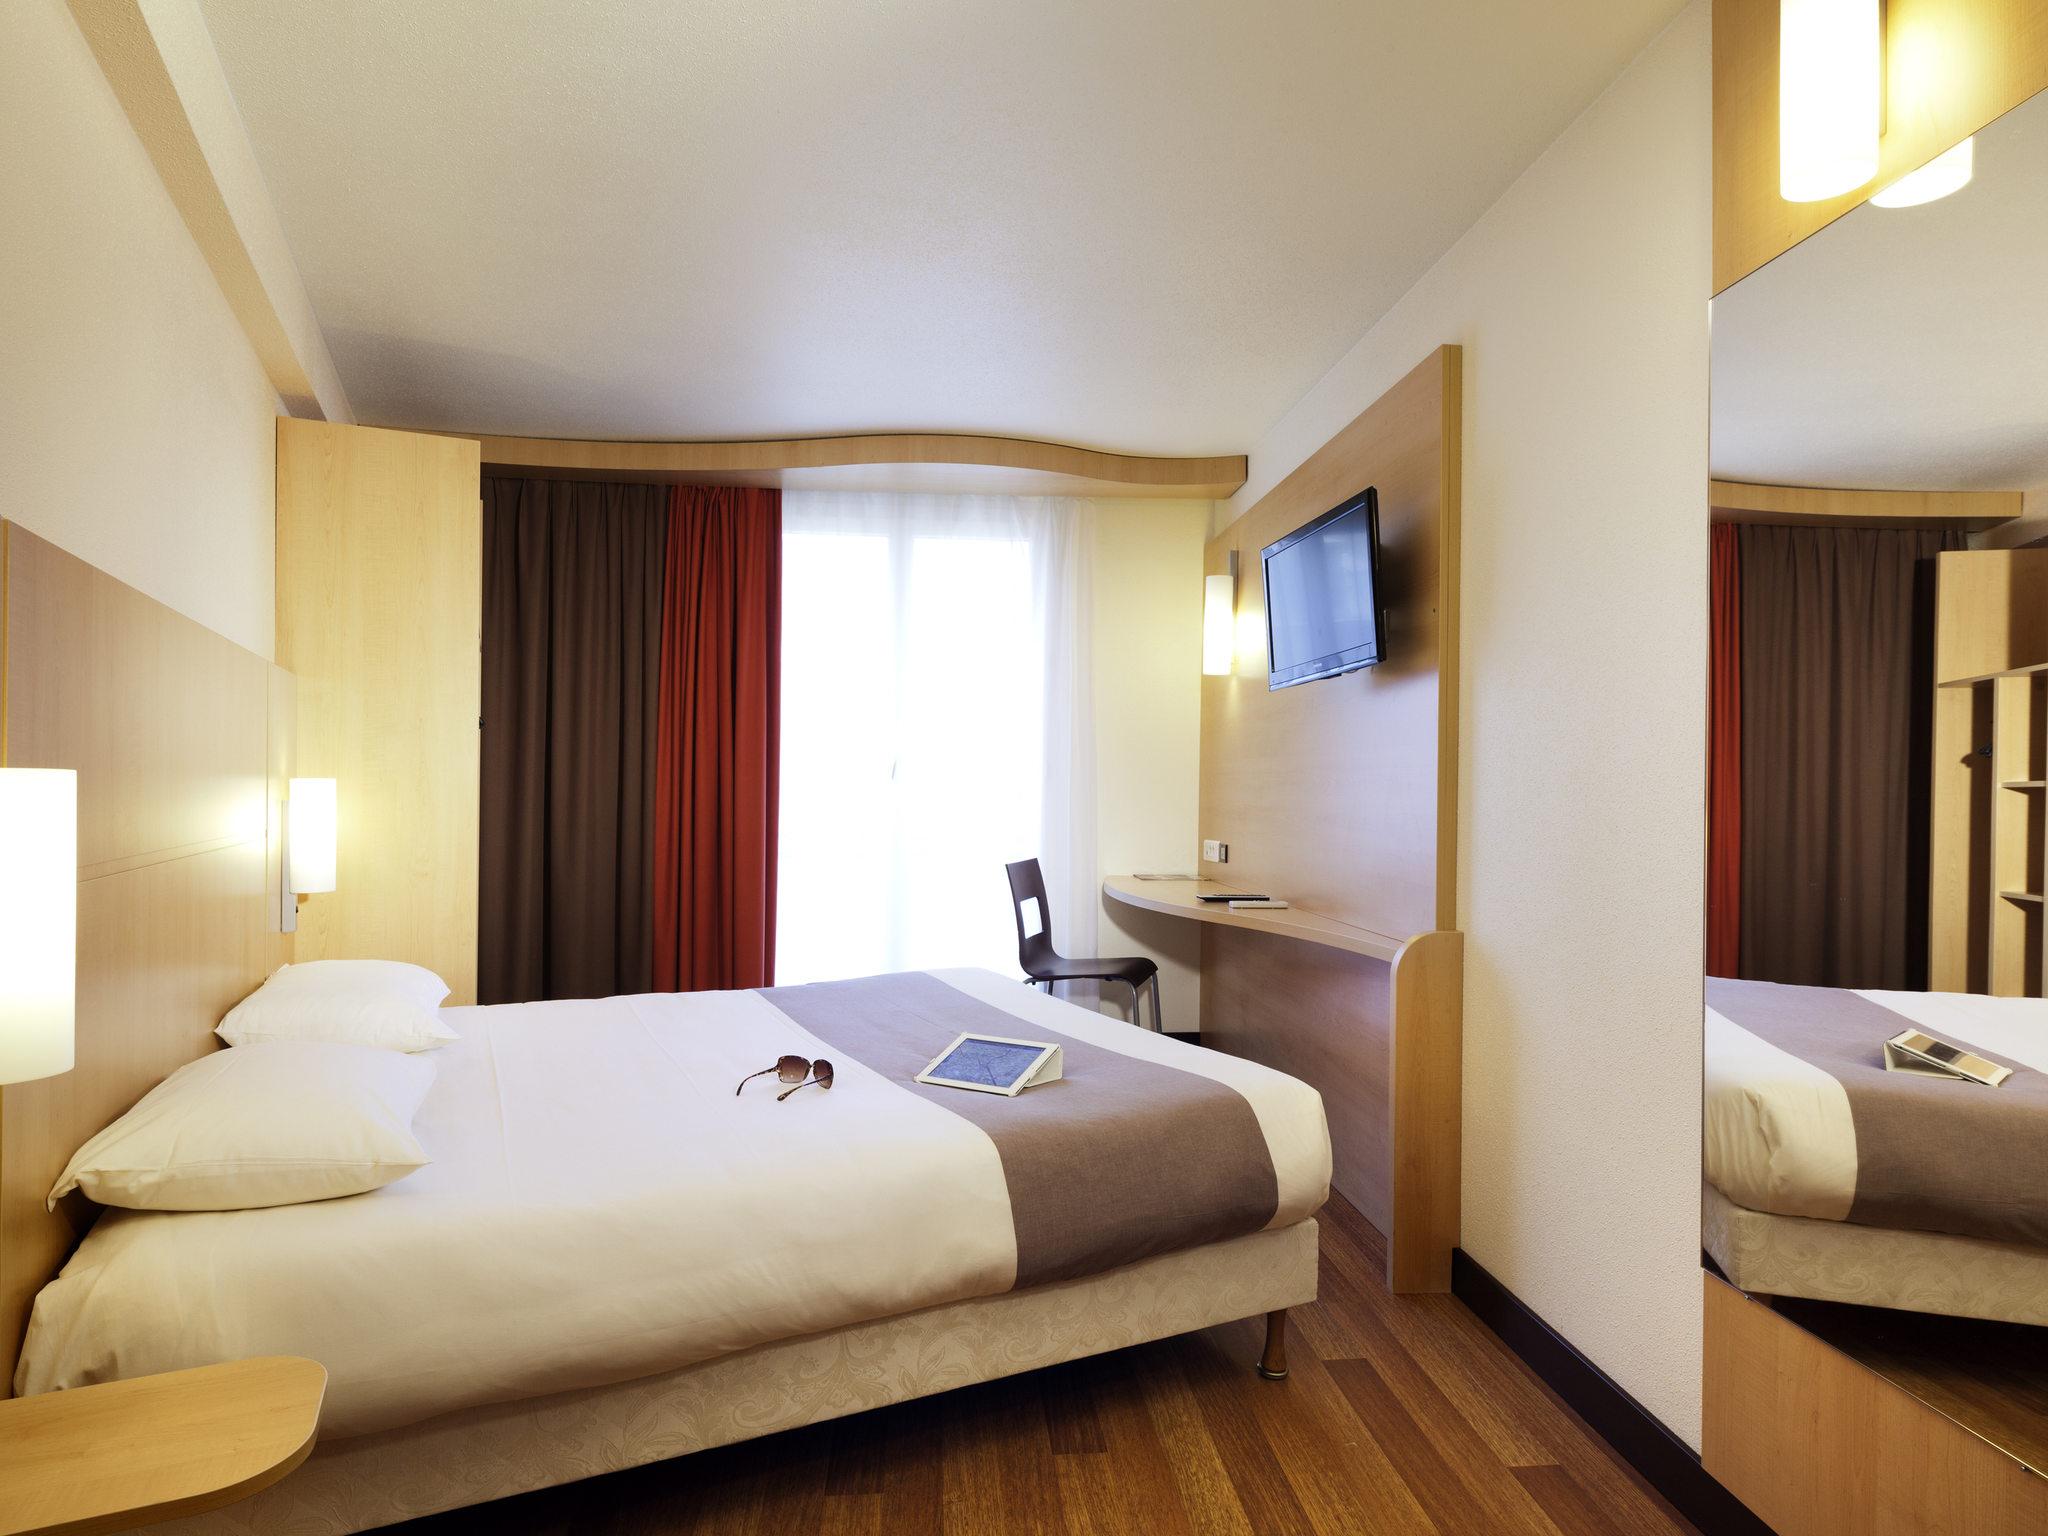 โรงแรม – ไอบิส ปารีส การ์ เดอ ลียง รุยยี่